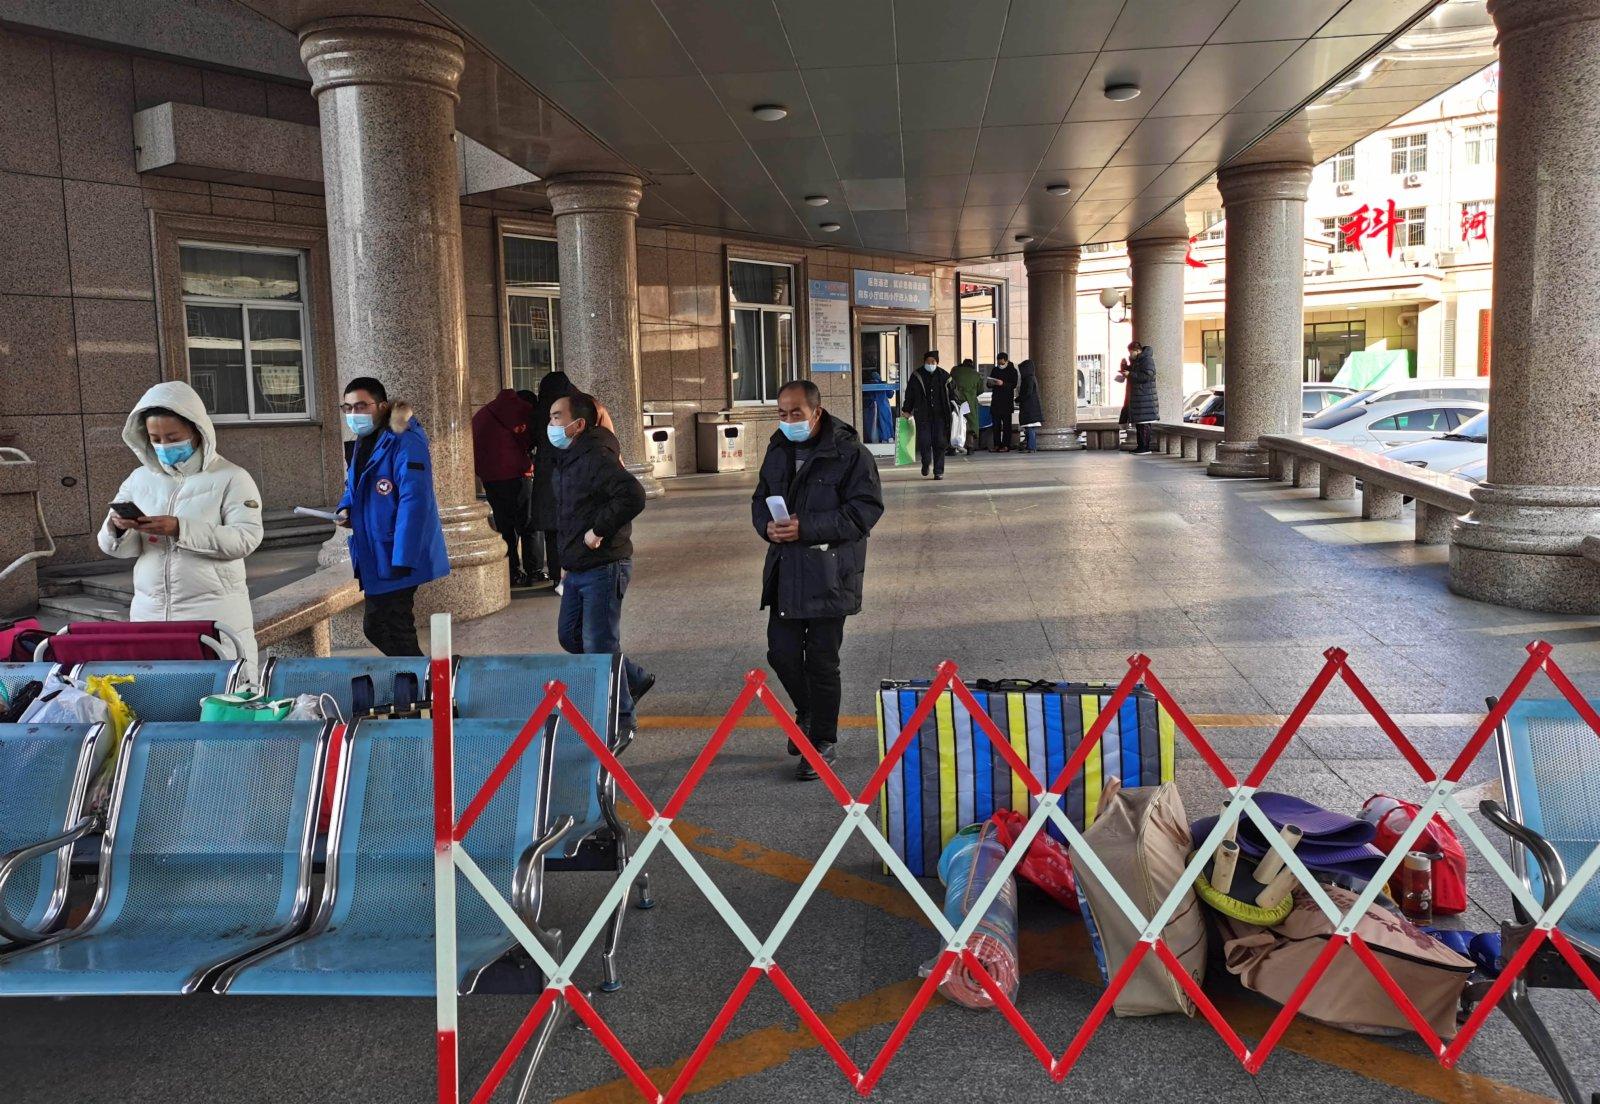 1月5日,河北醫科大學附屬第二醫院已升級防疫措施,封閉急診樓。(中新社)